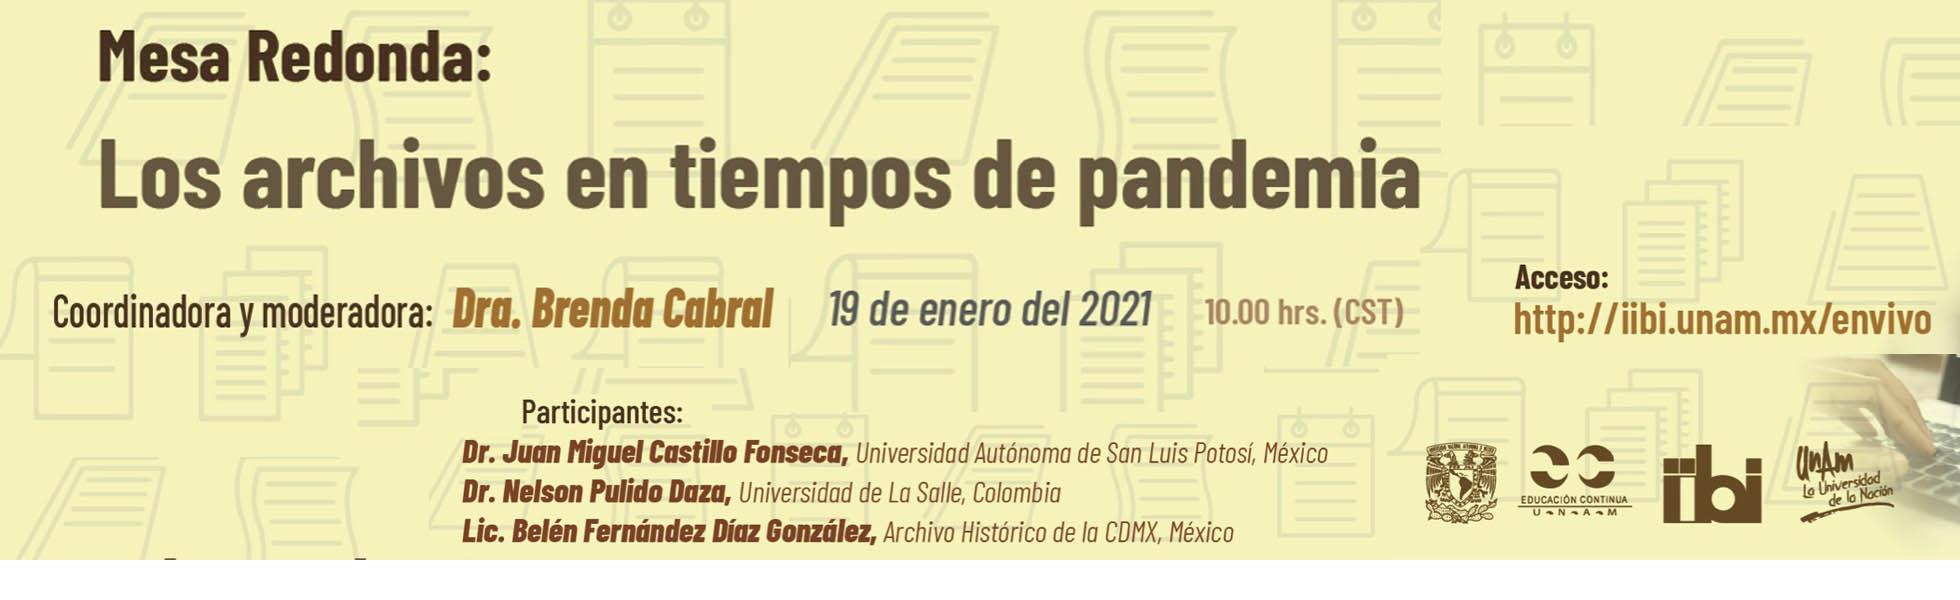 Archivos en tiempos de pandemia